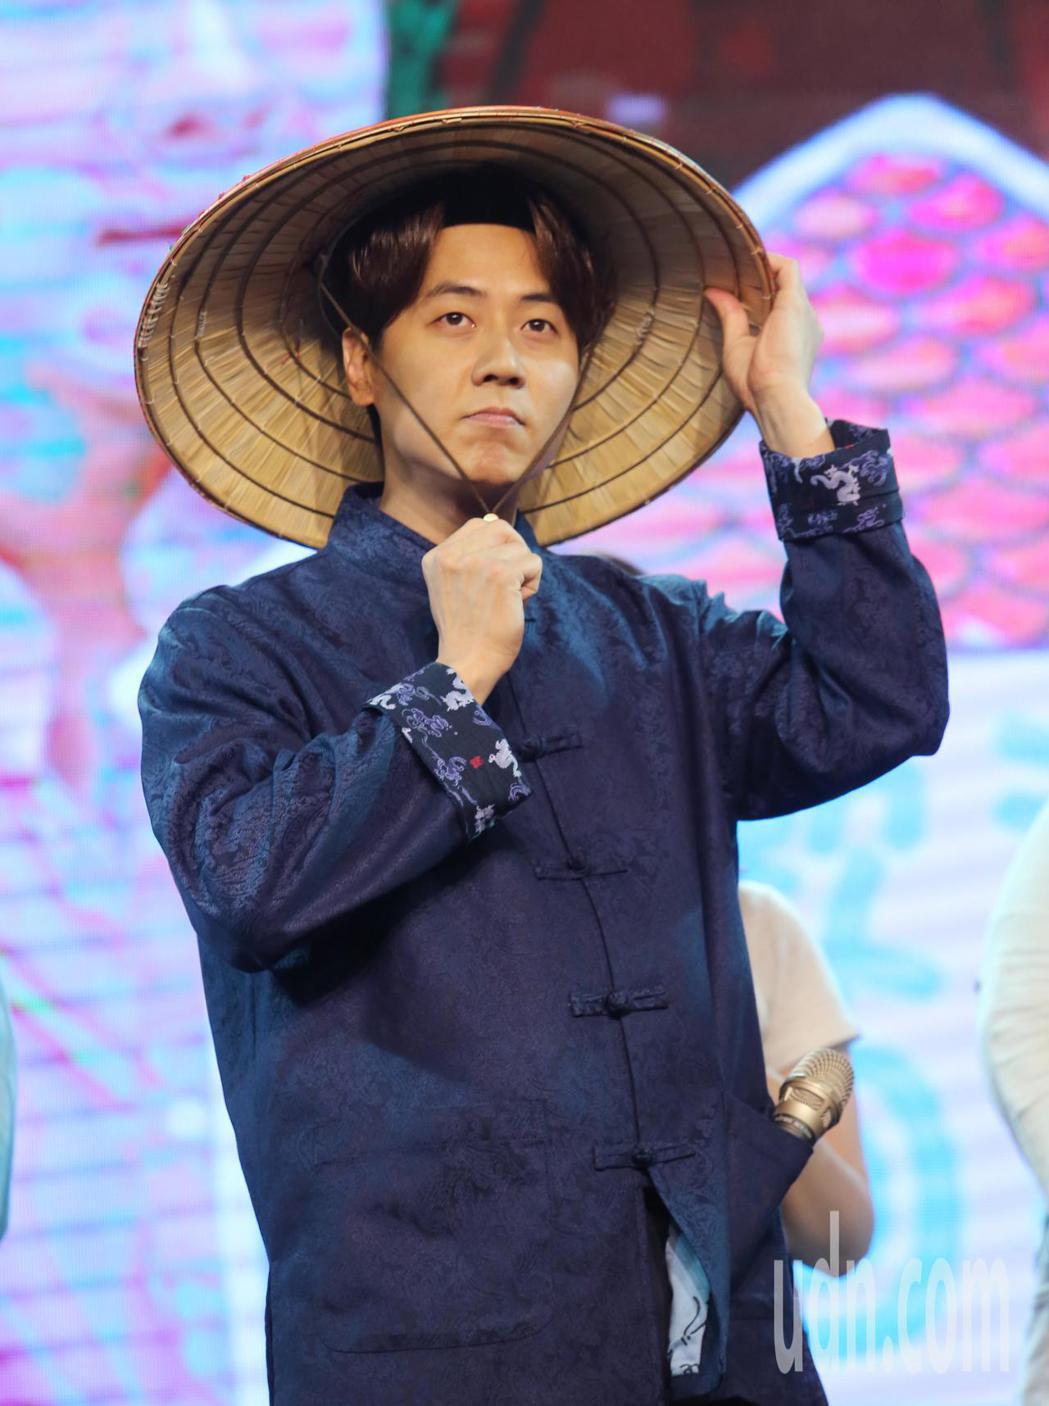 韓男團神話成員李先鎬(圖)下午與粉絲見面,粉絲們送上各式跟「家」有關的禮物,其中...